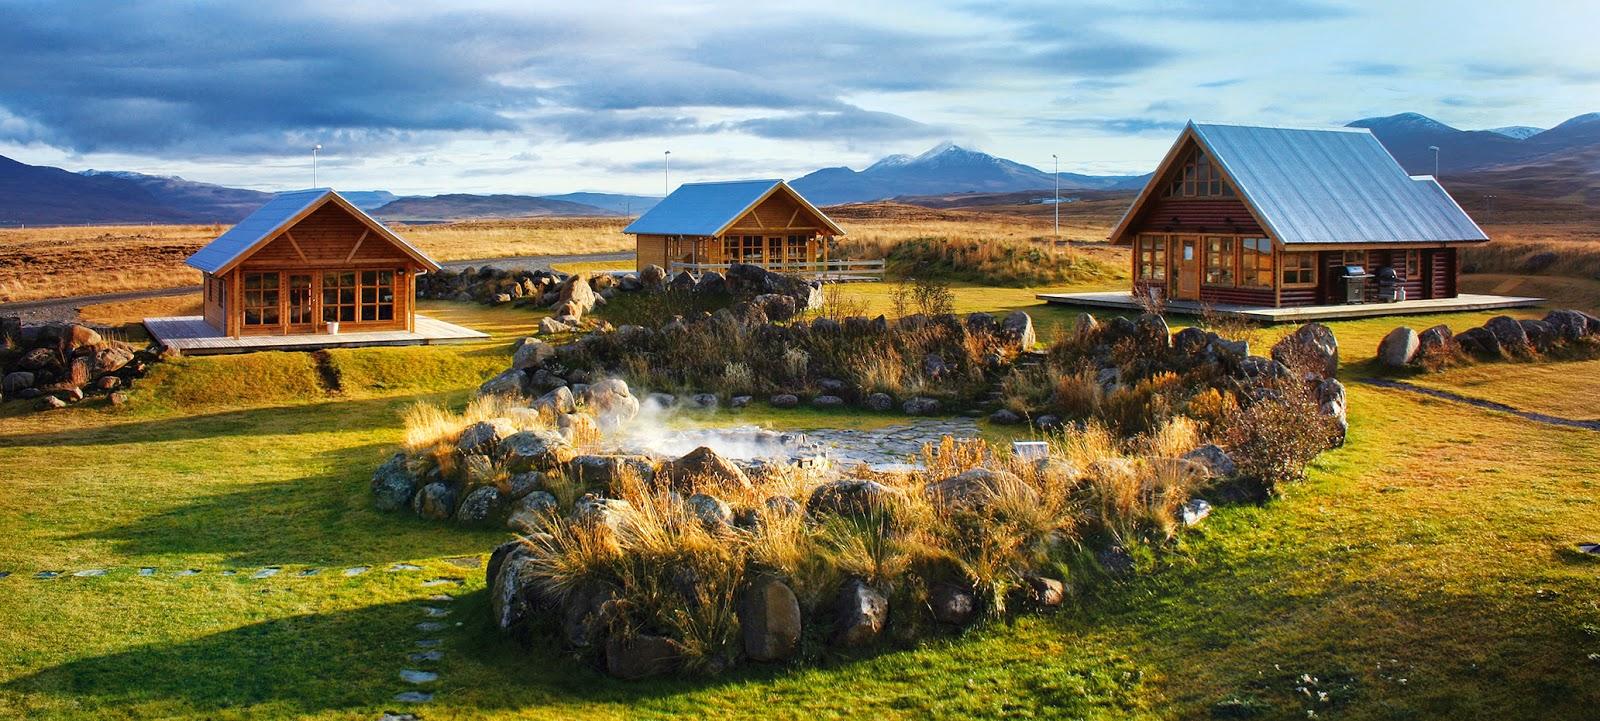 islande24 guide de voyage sur l 39 islande se loger lors d un voyage en islande. Black Bedroom Furniture Sets. Home Design Ideas